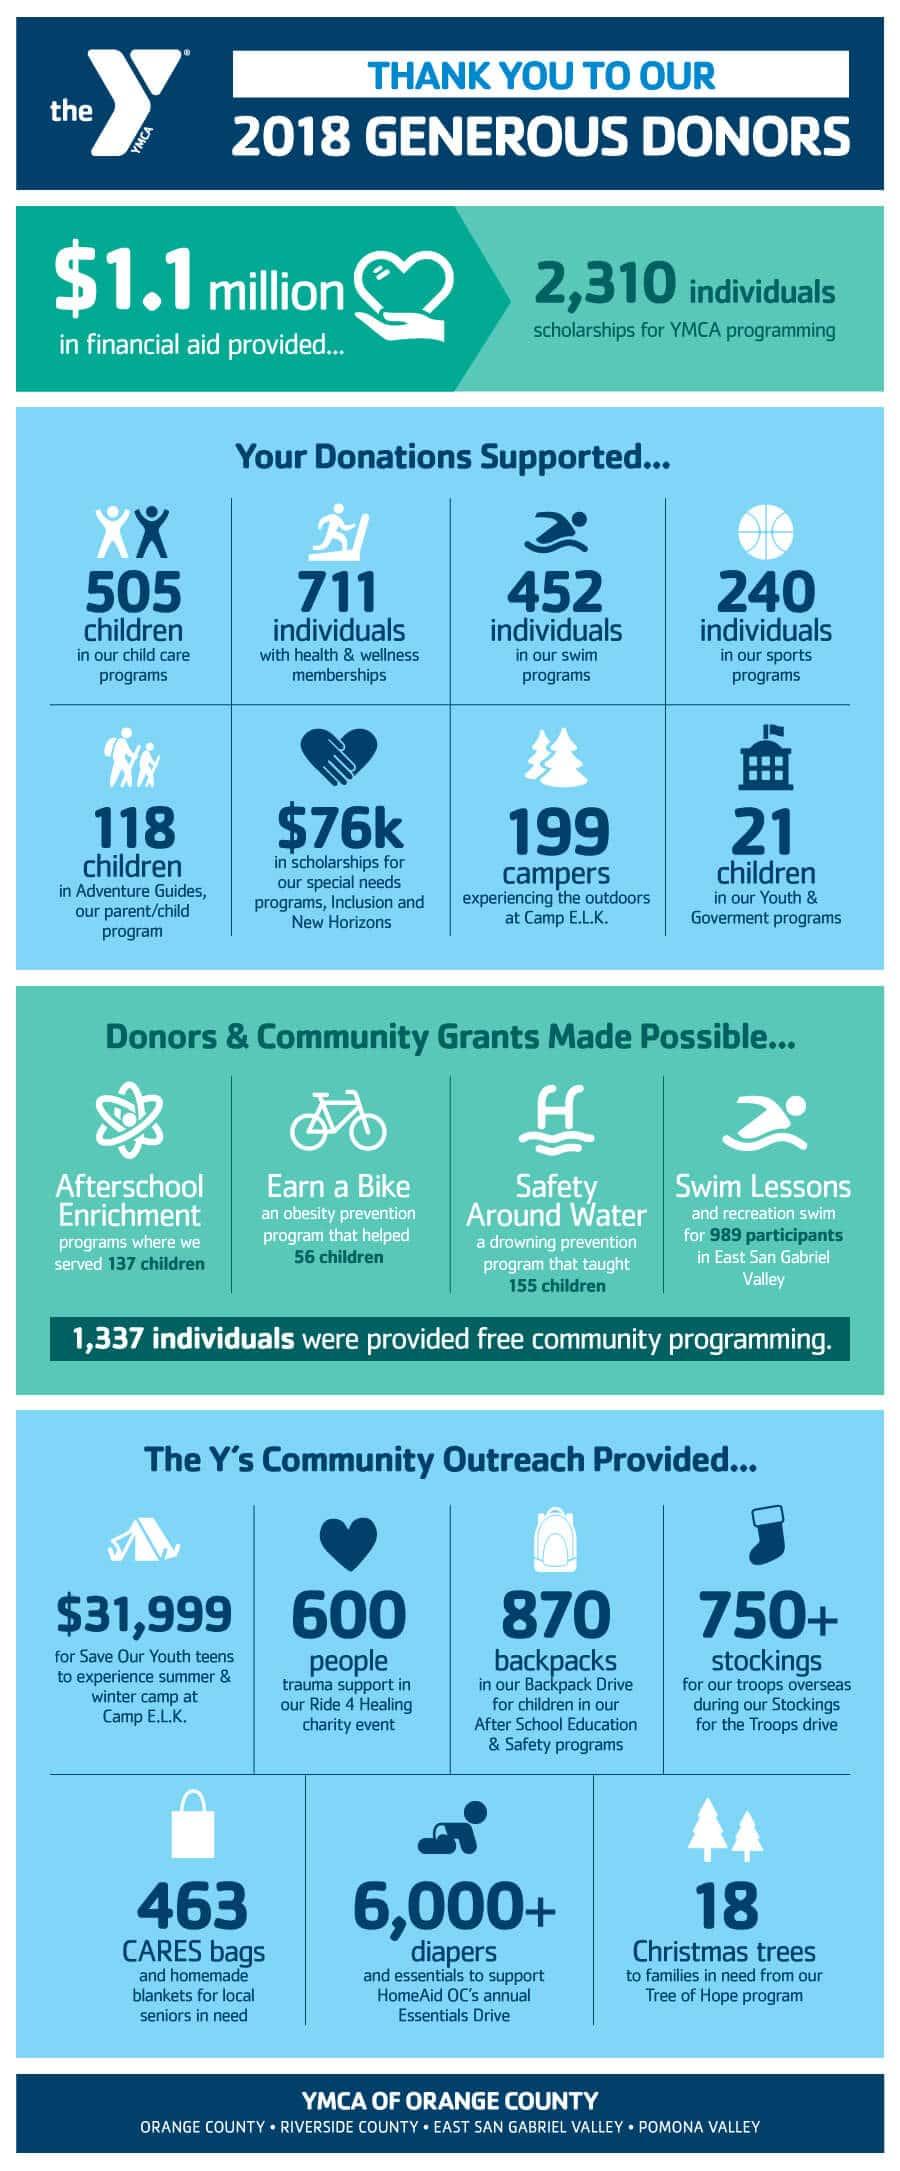 Donate To The YMCA Orange County